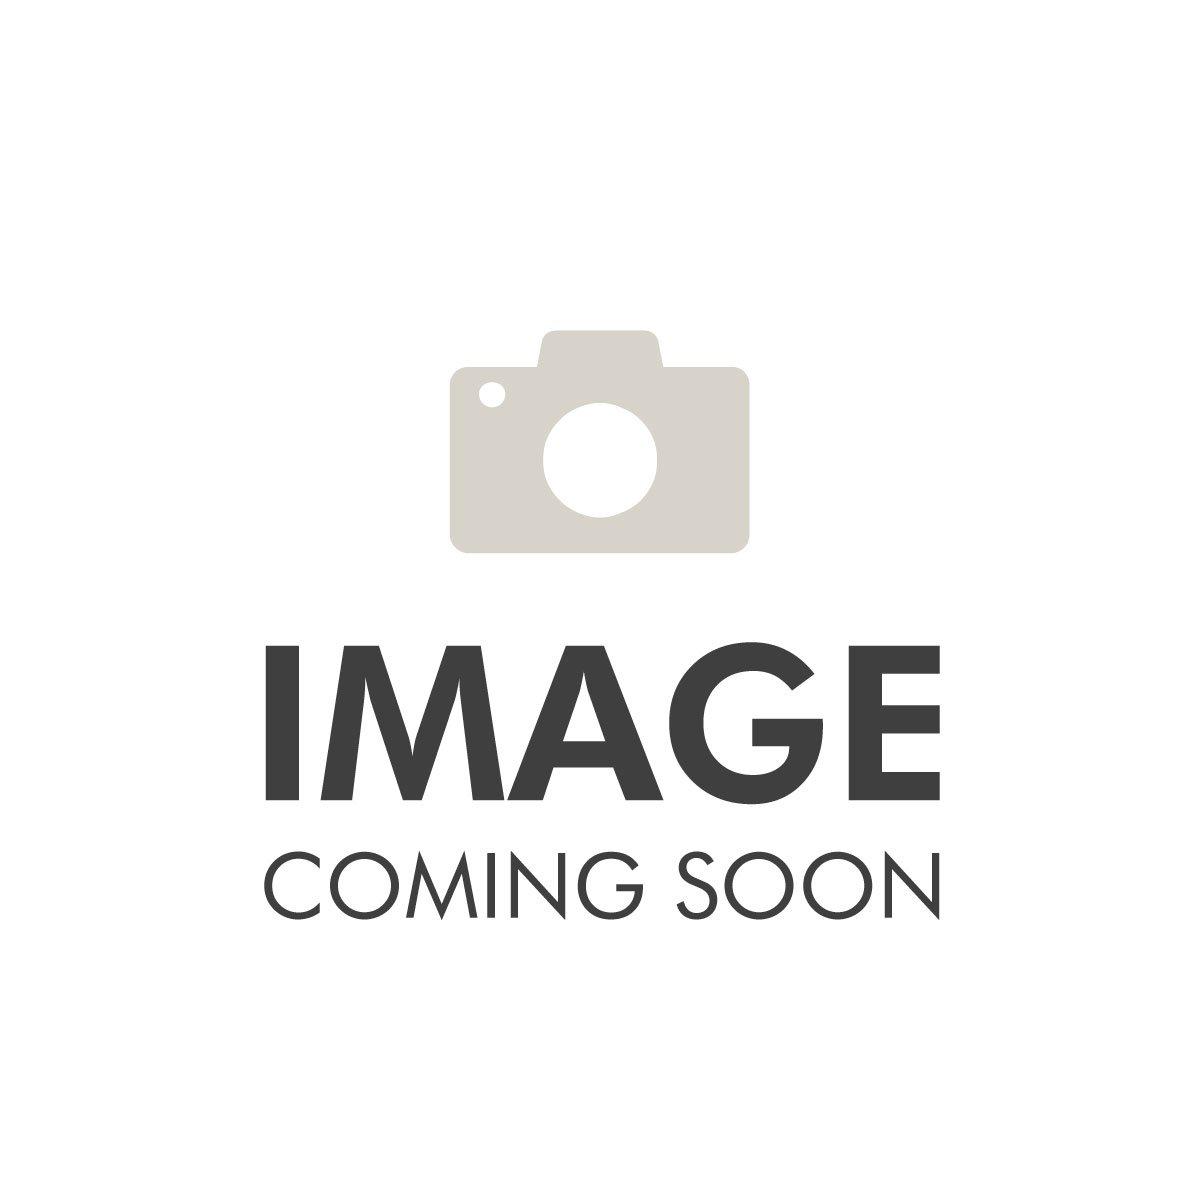 PBT - Visconti Grip - Model S